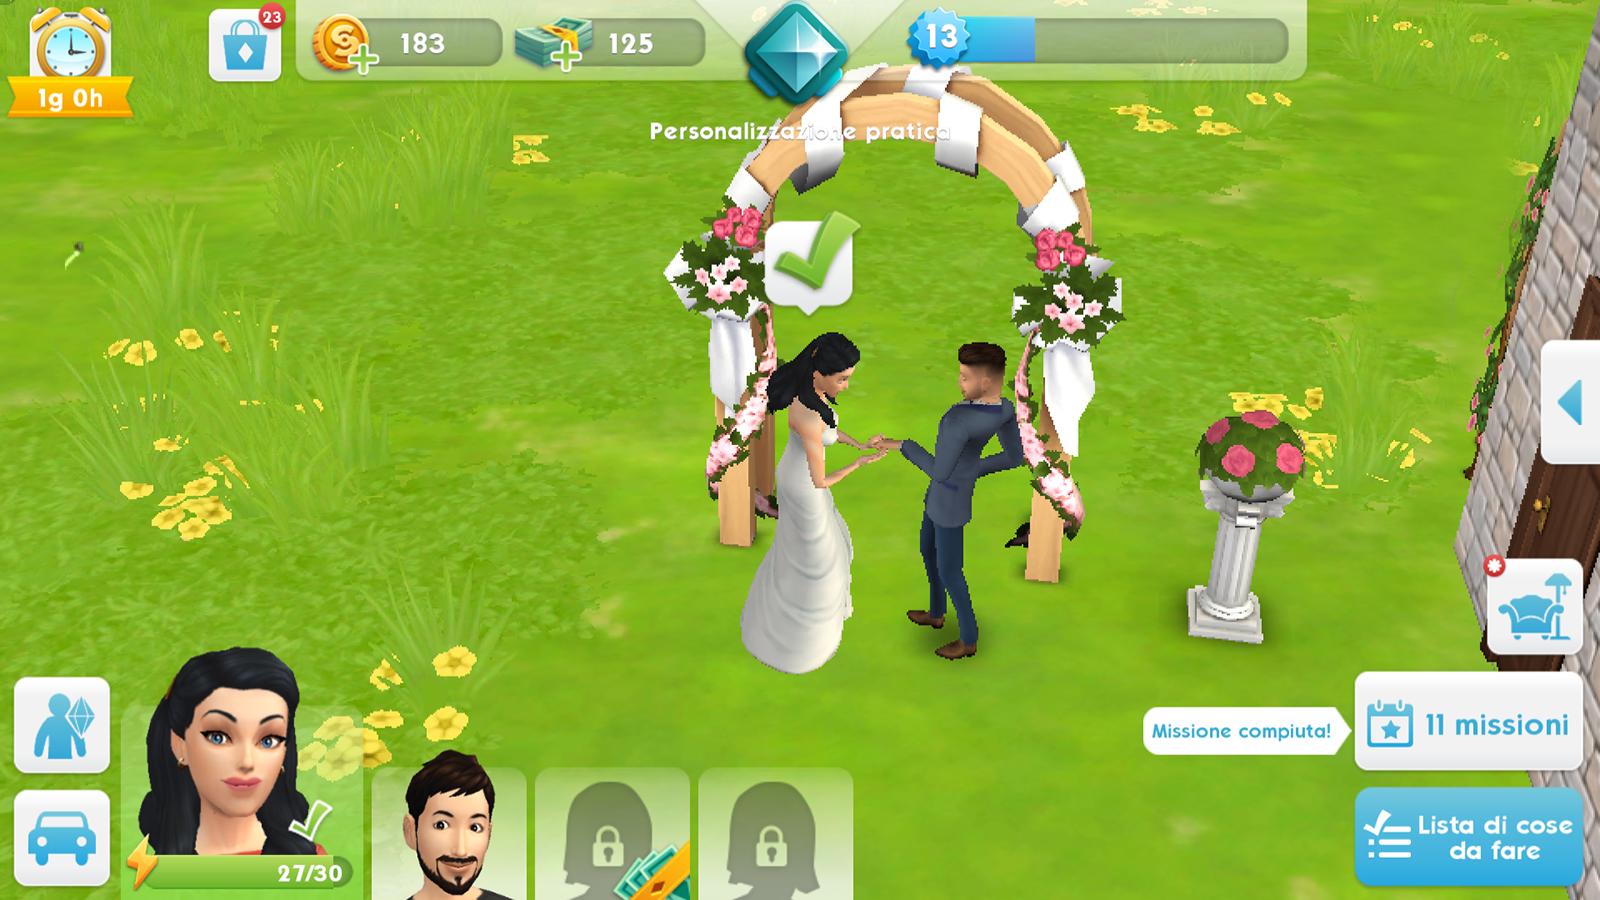 Download Vestiti Da Sposa The Sims 3.Organizza Un Matrimonio In The Sims Mobile Il Mondo Di The Sims